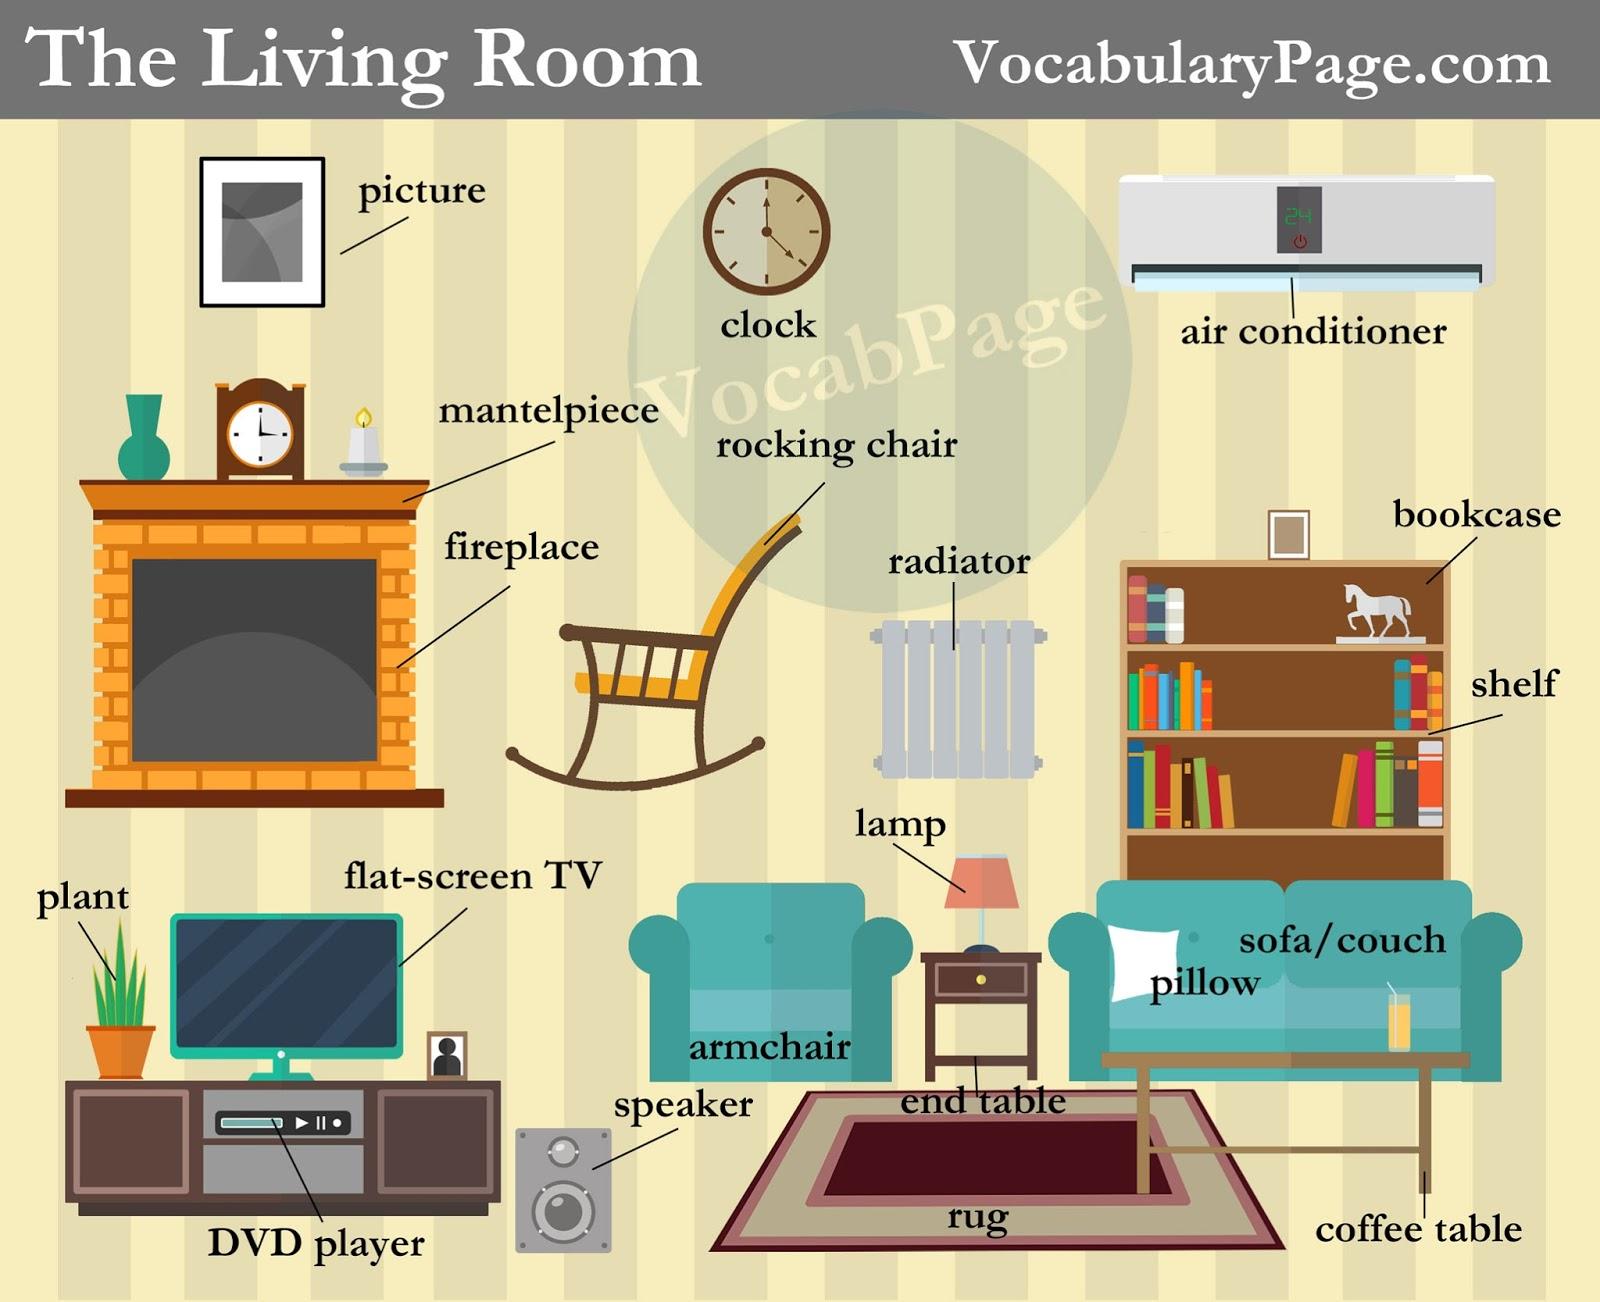 Vocabularypage Living Room Vocabulary